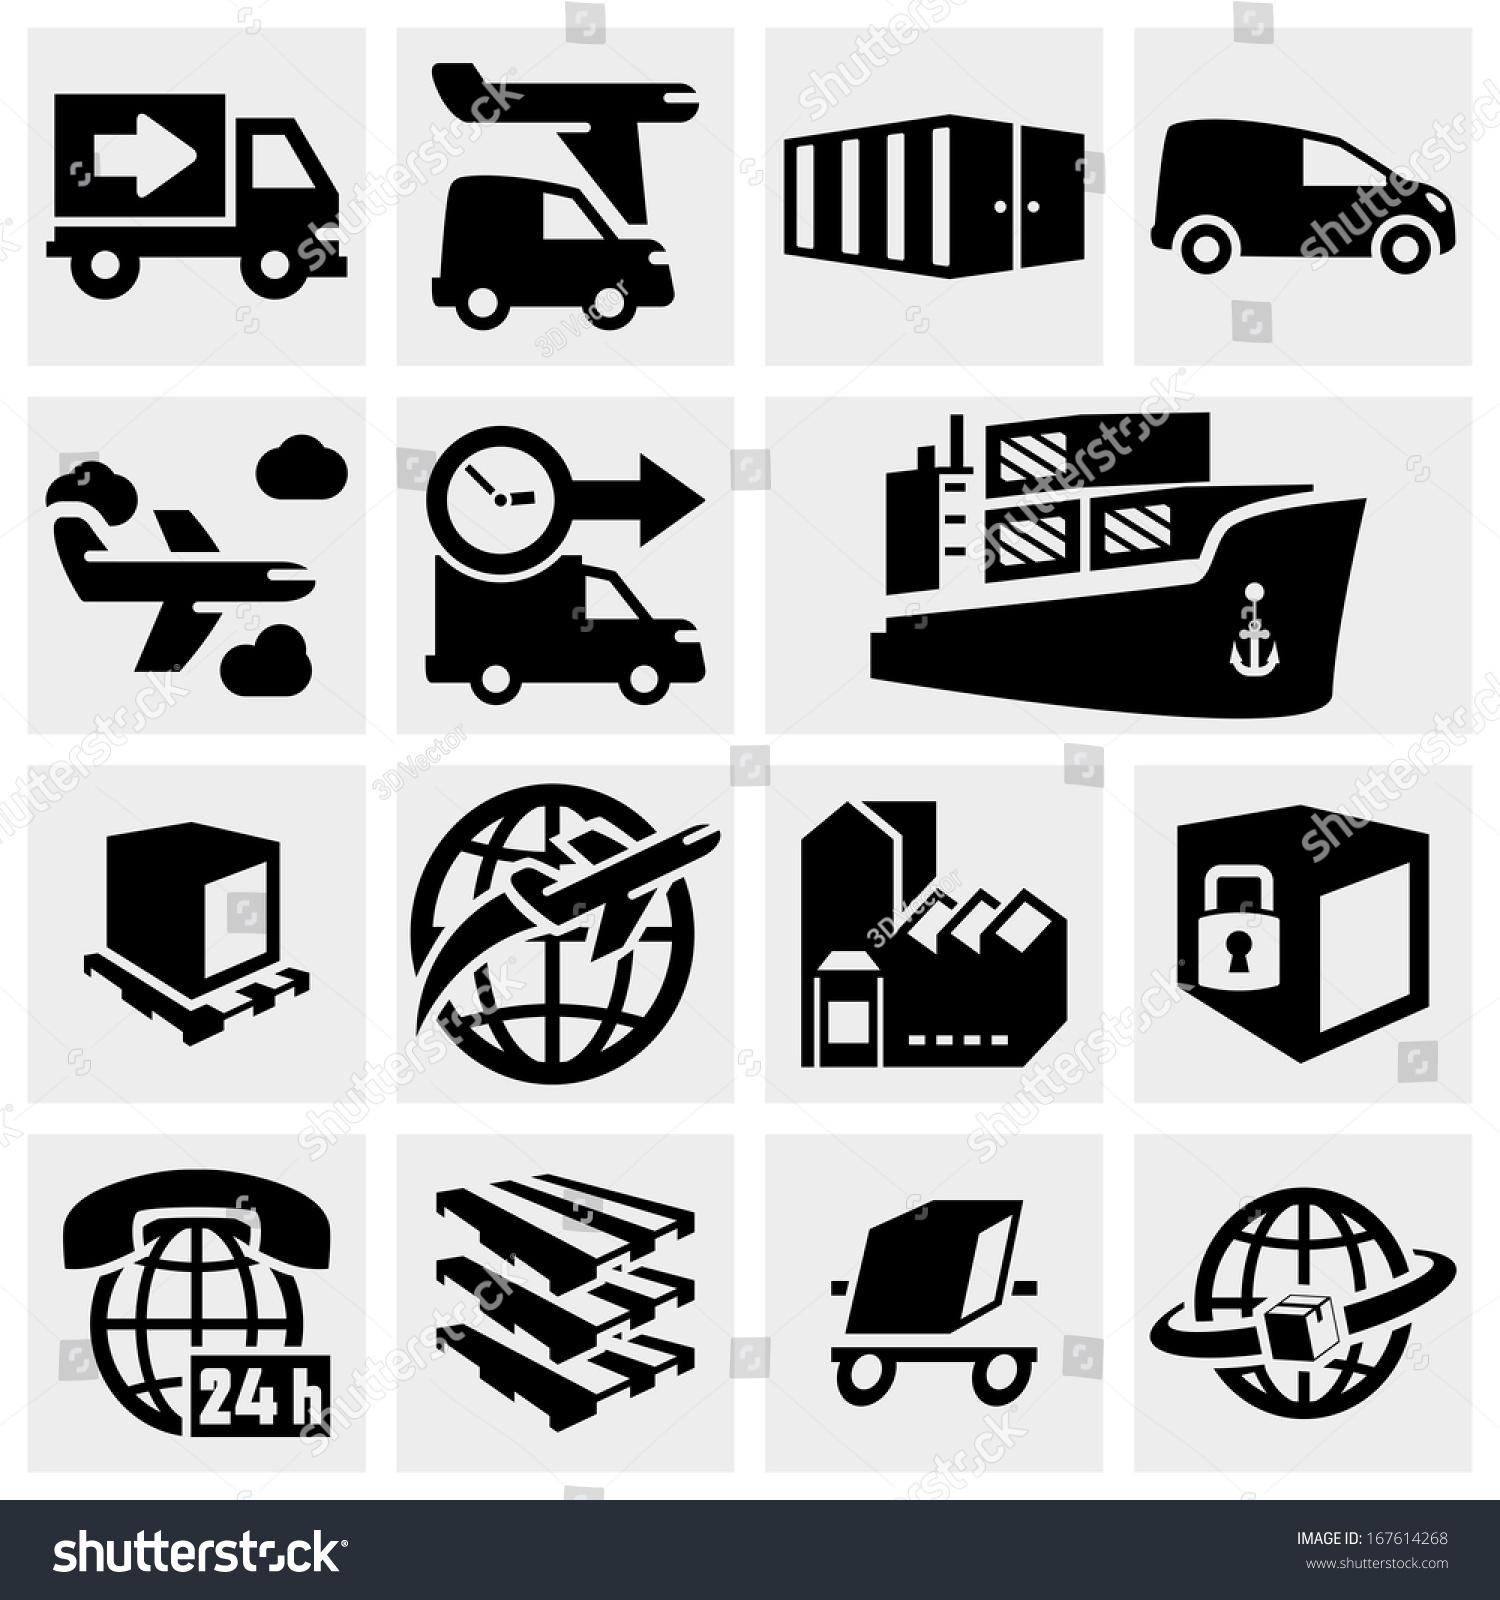 灰色的物流和航运矢量图标-交通运输-海洛创意()